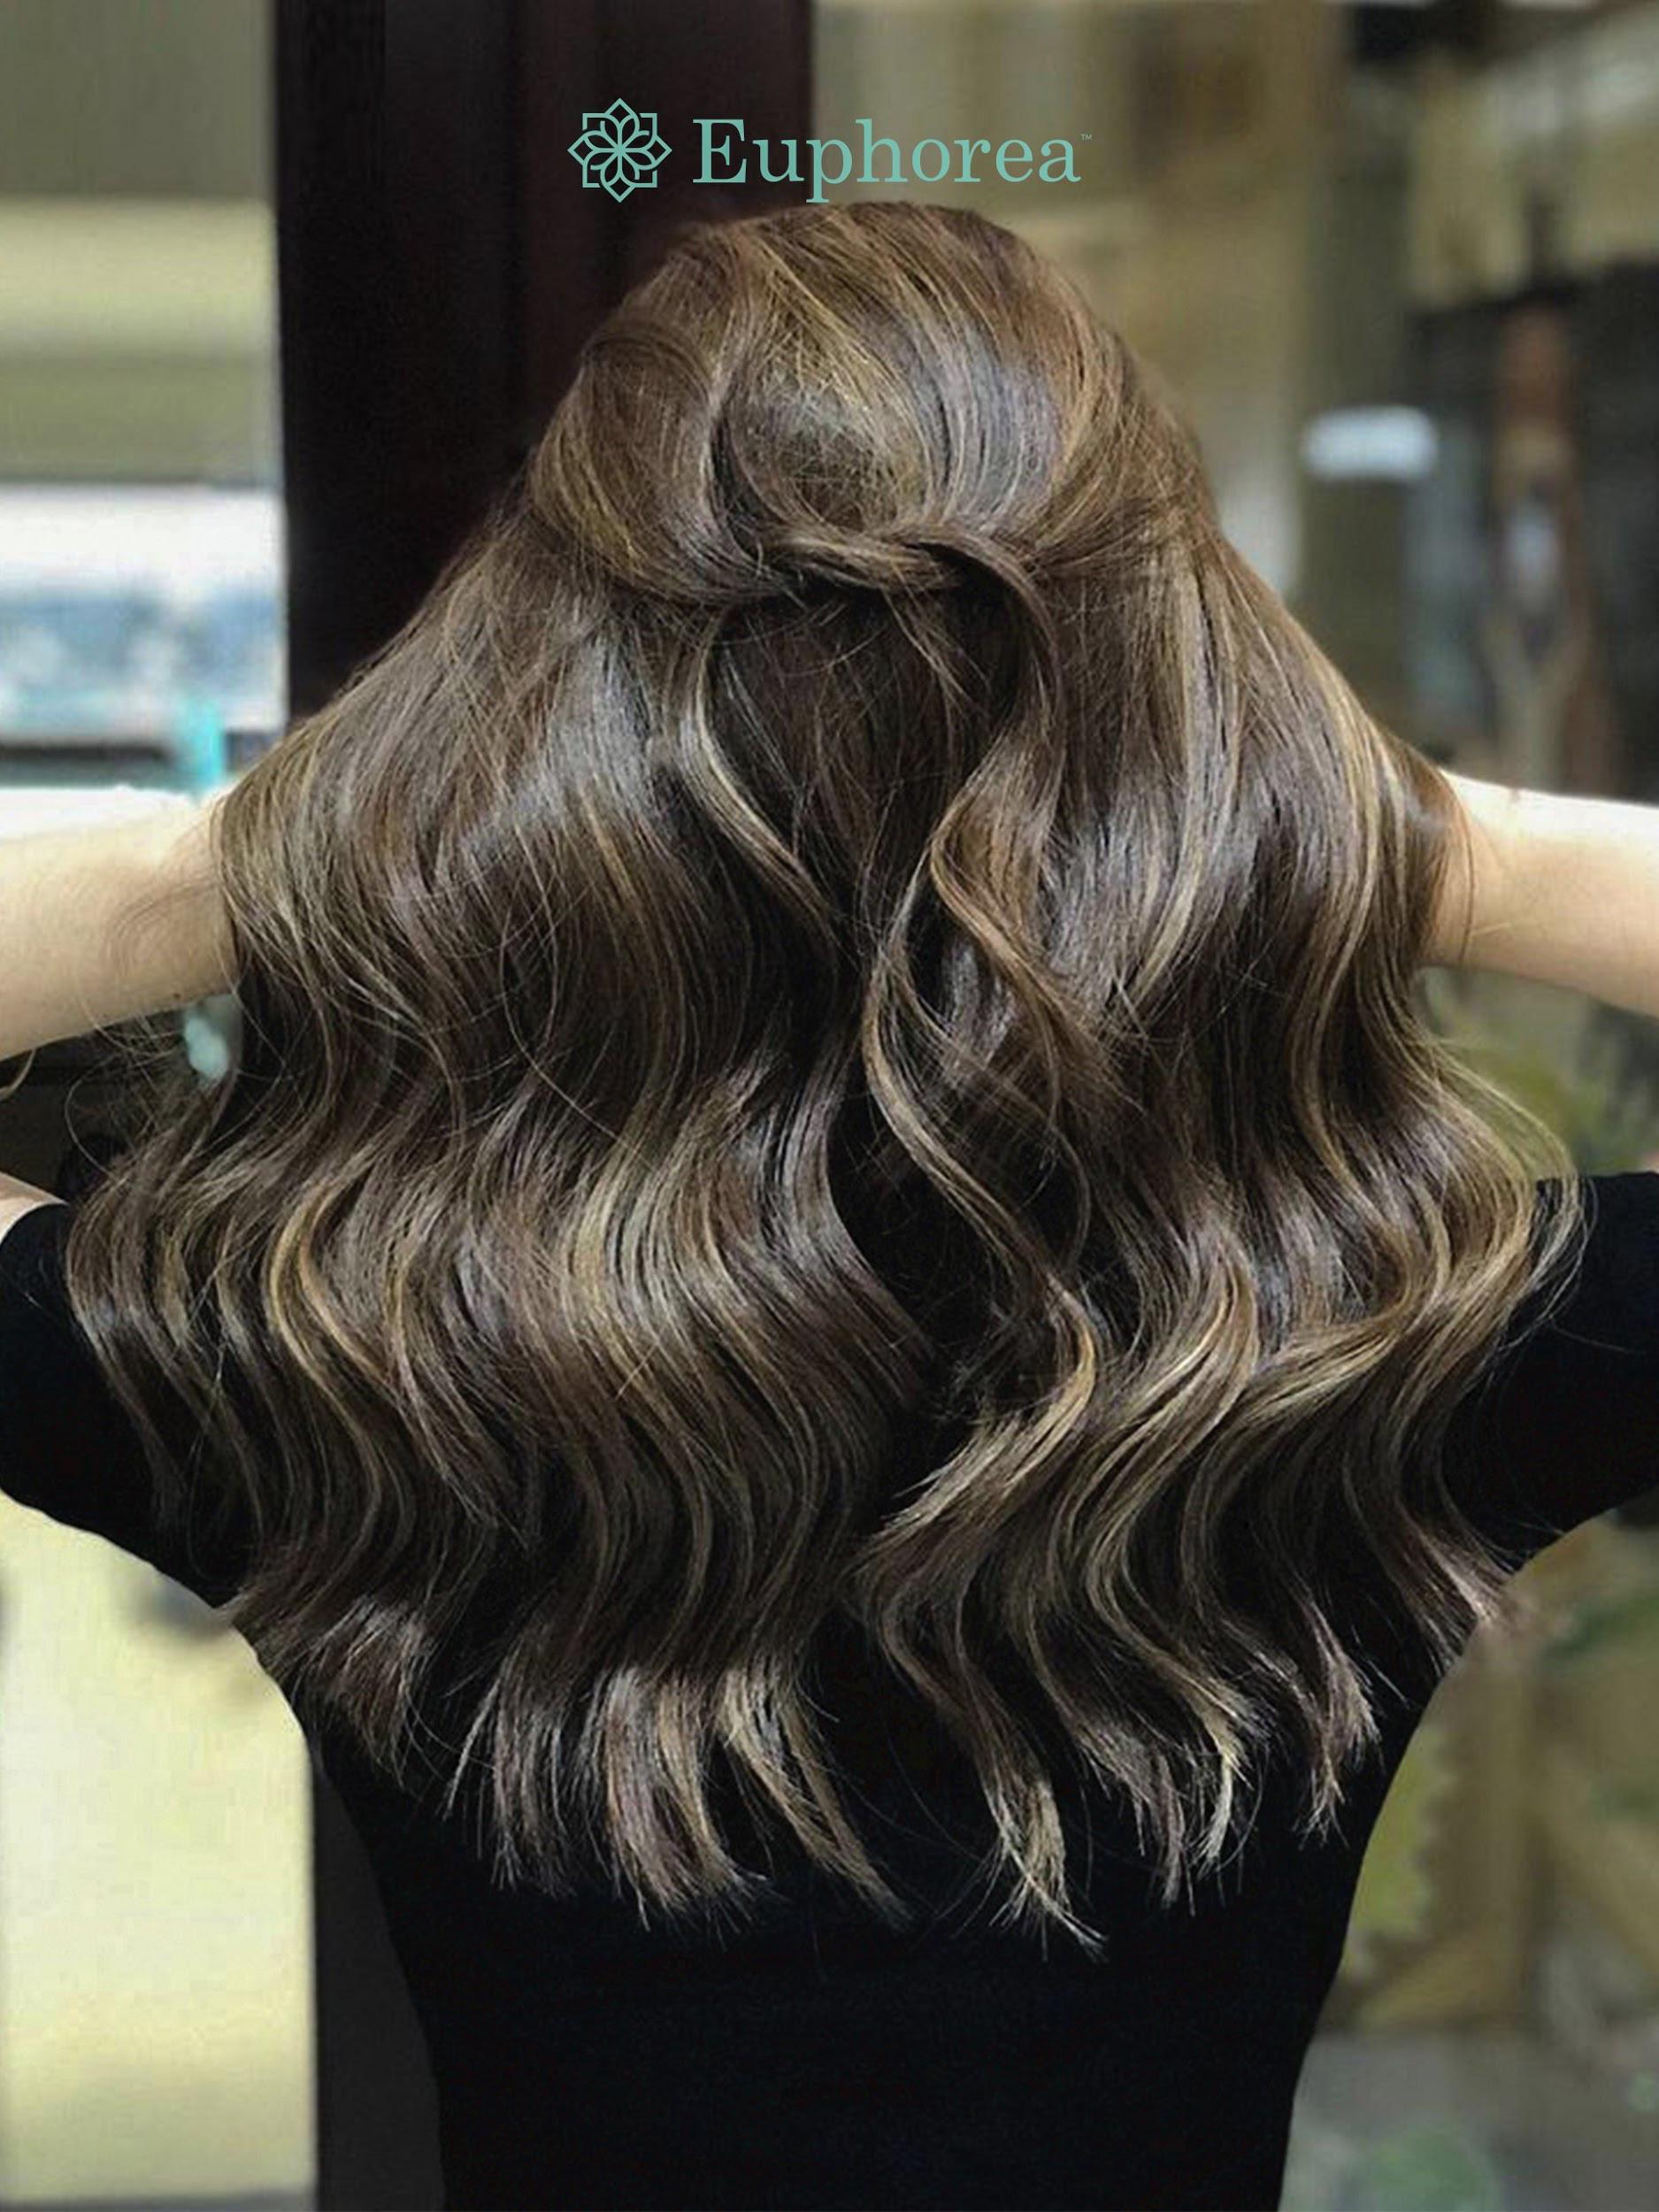 Top 5 kiểu tóc nhuộm khiến bao chị em say mê Tết 2021 - Ảnh 2.